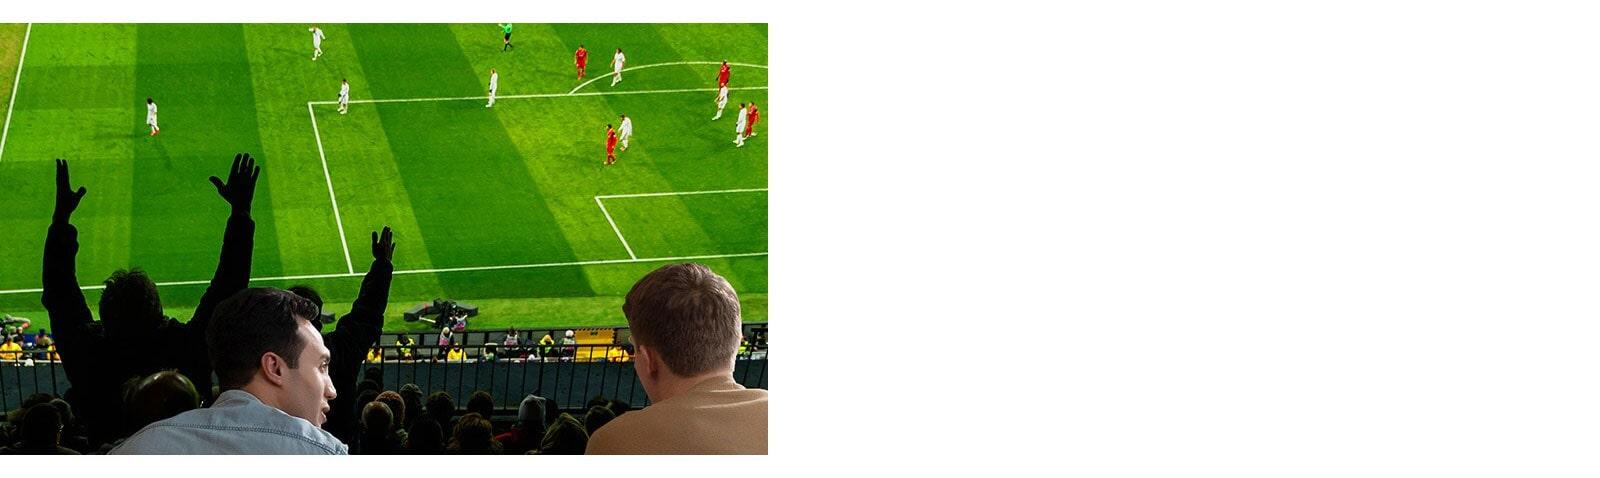 Mọi người xem trò chơi thể thao trên TV trong phòng khách với TV màn hình cực lớn